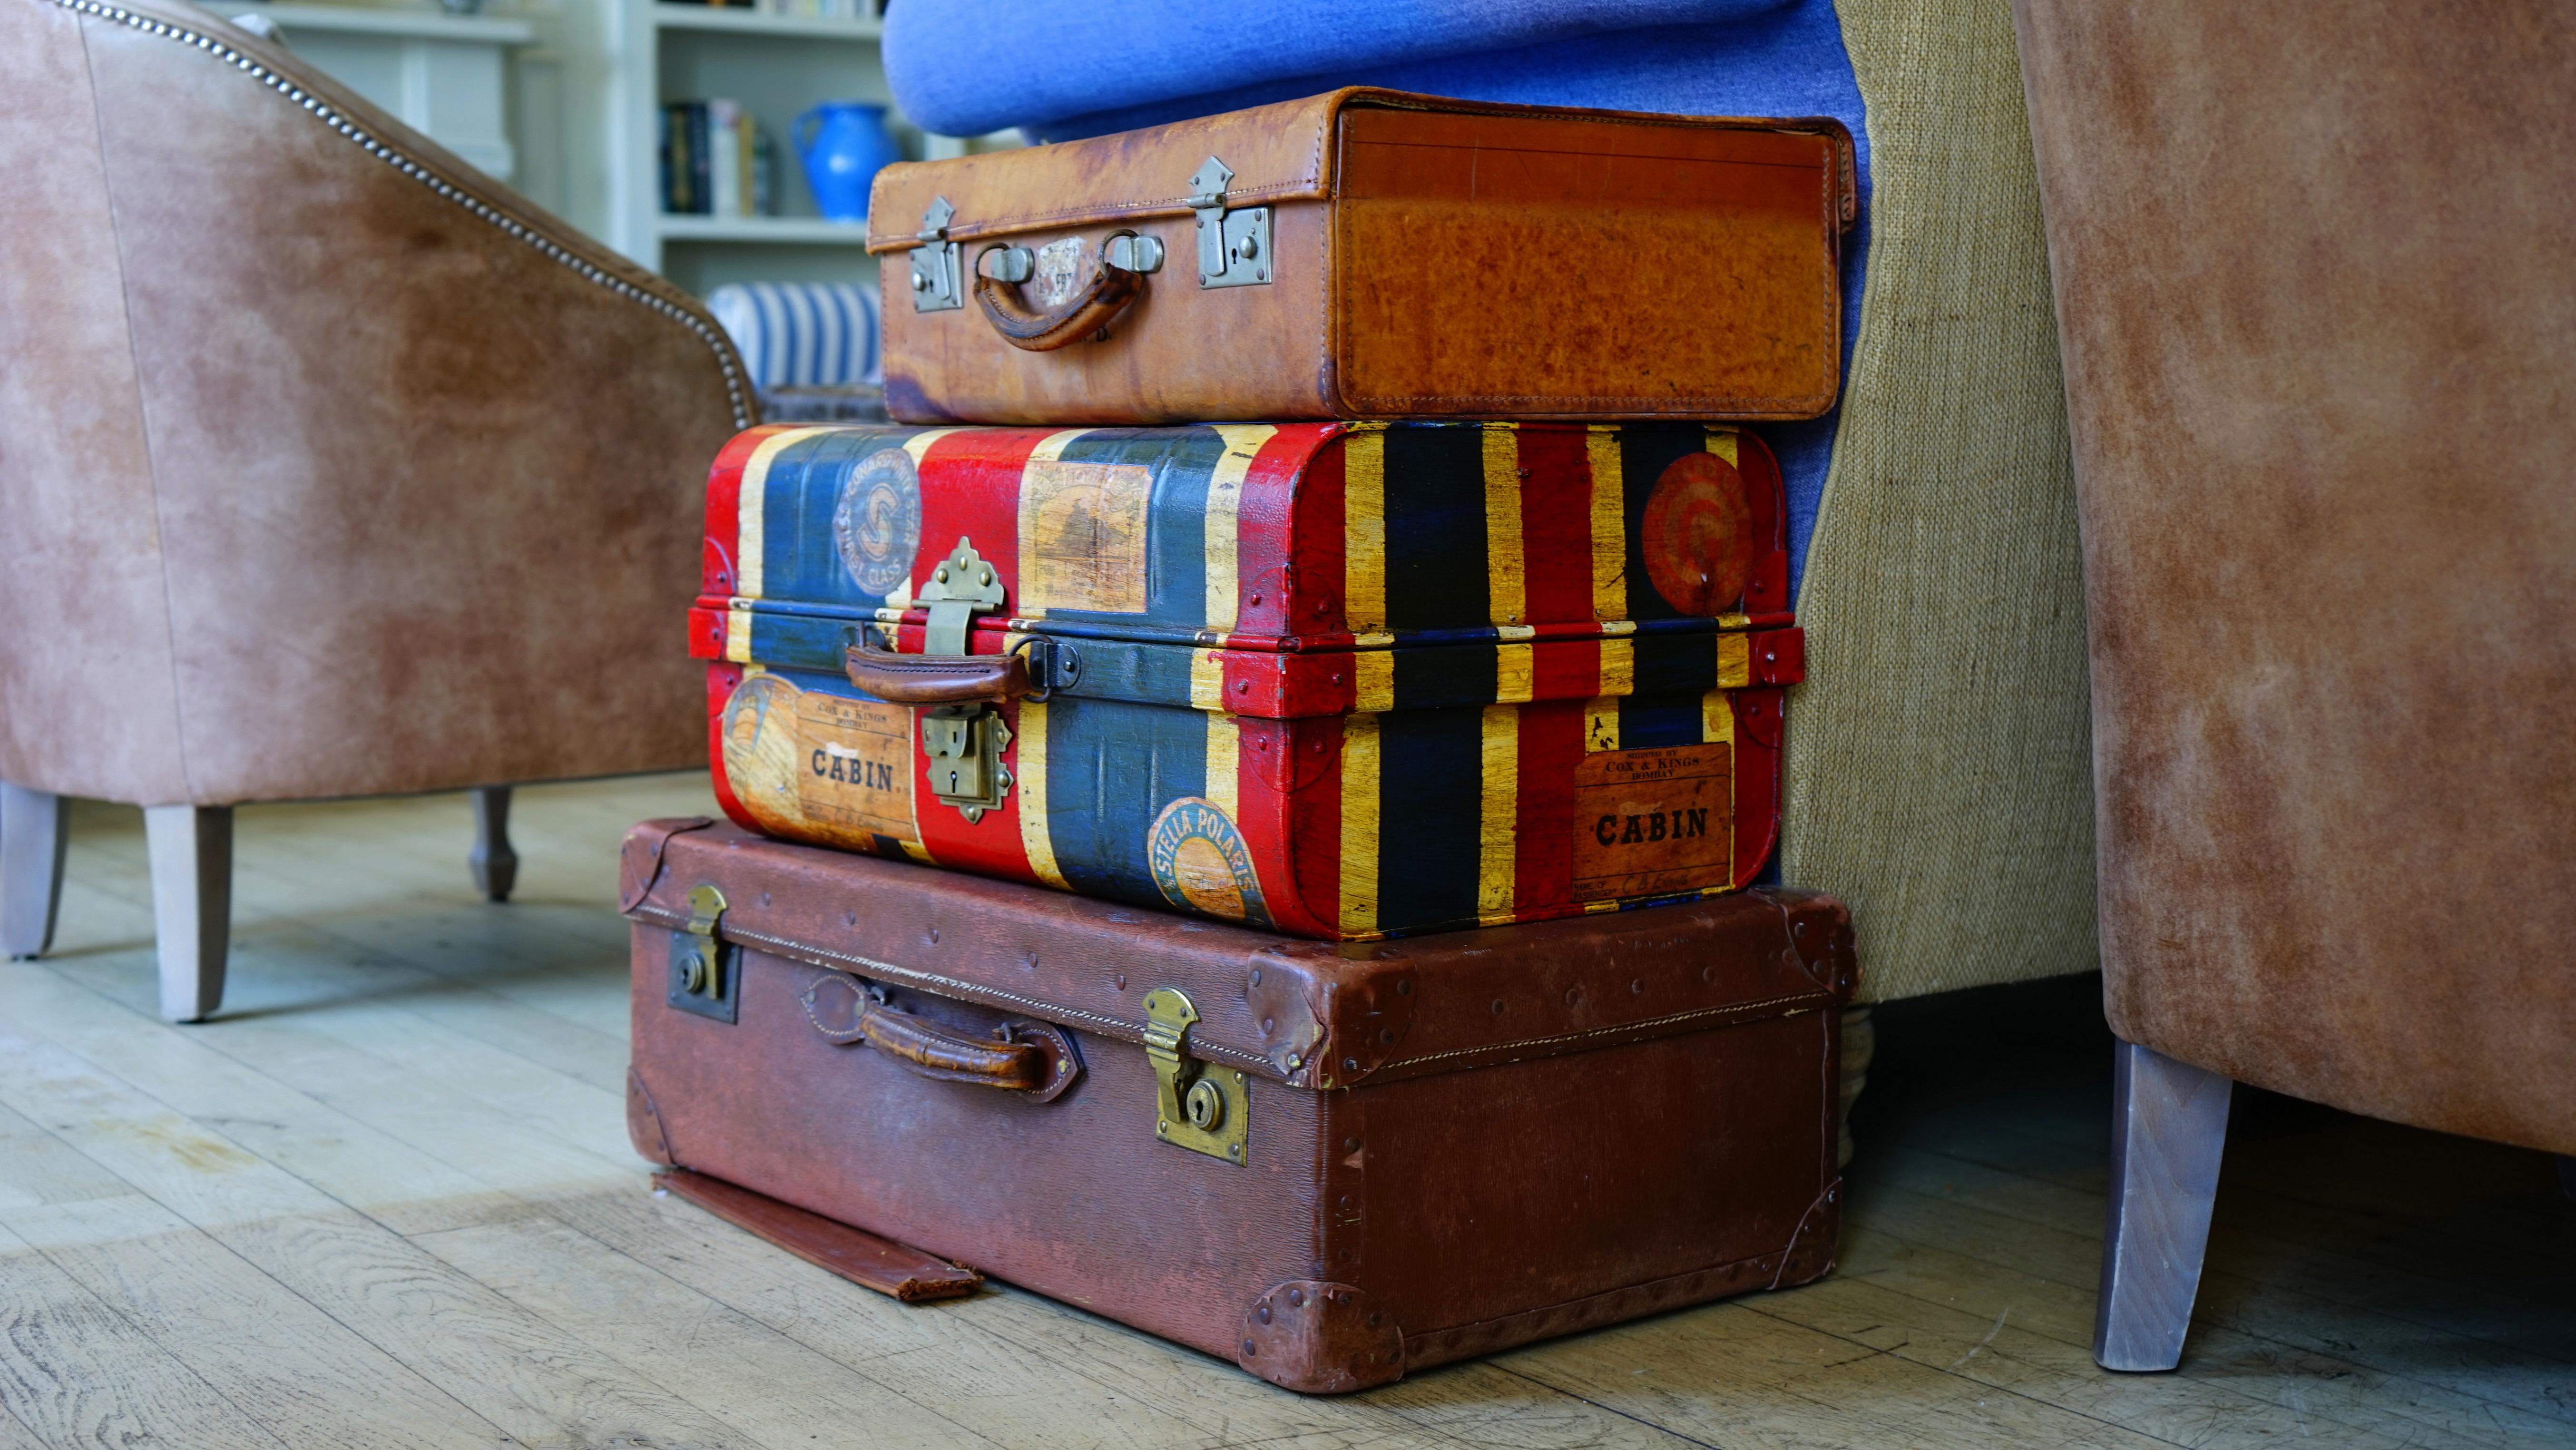 ハーフの親は海外から日本へ移住することに疑問を抱いている?